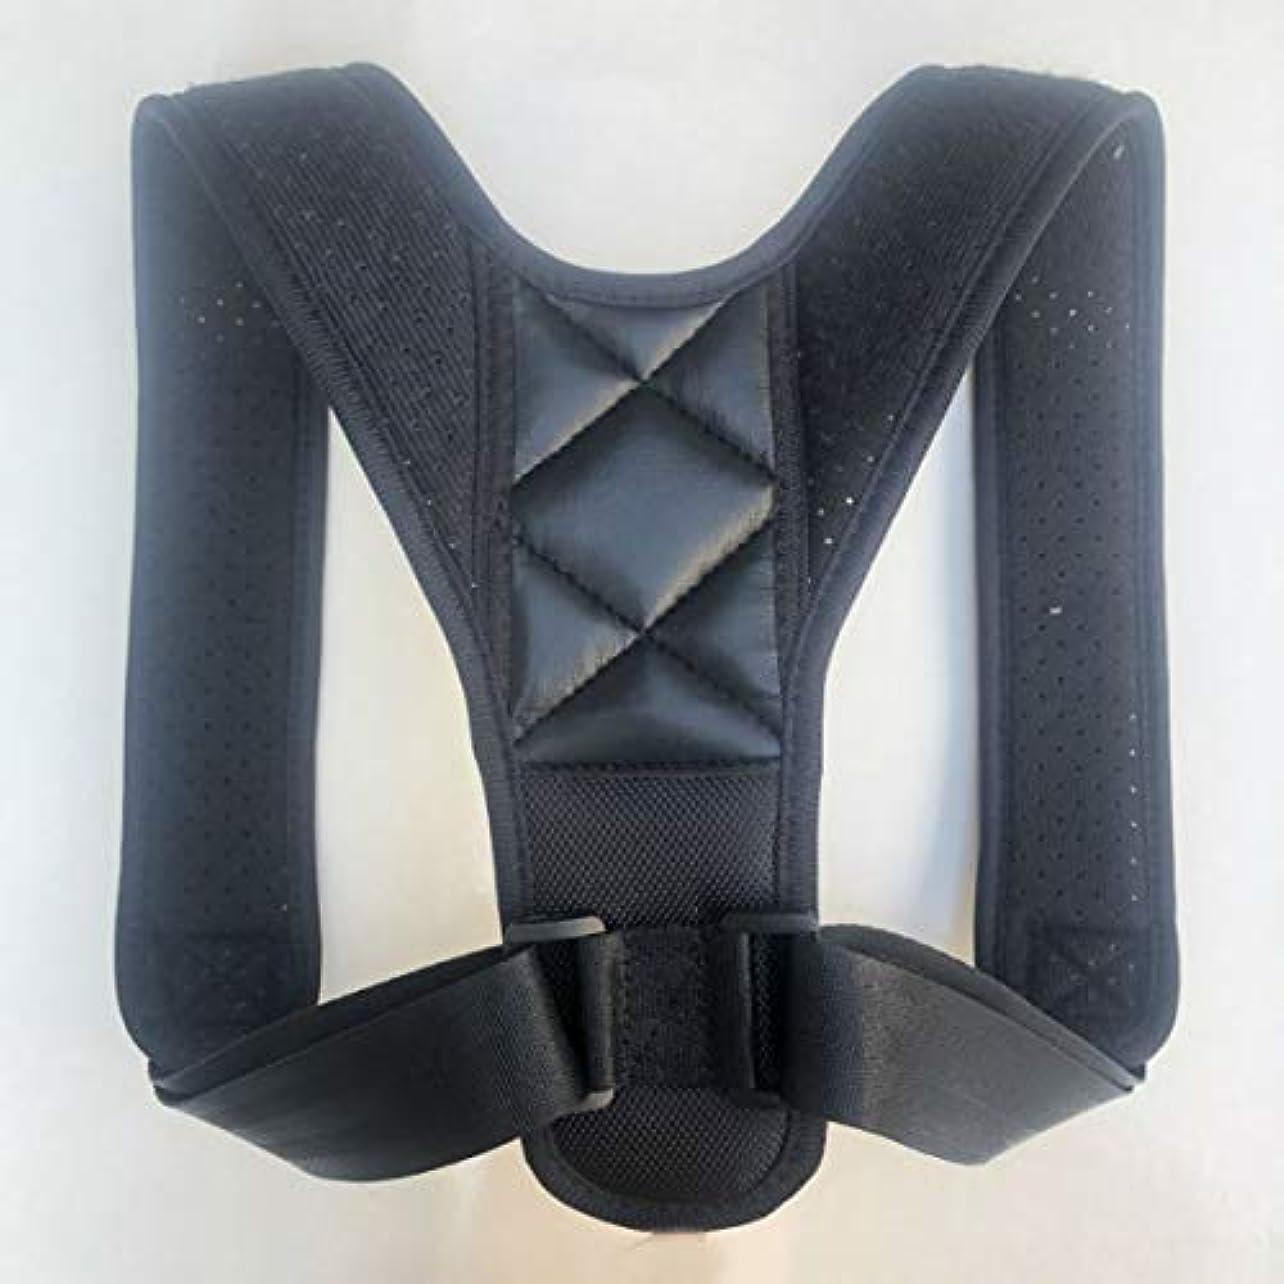 ローブ不適切な船乗りアッパーバックポスチャーコレクター姿勢鎖骨サポートコレクターバックストレートショルダーブレースストラップコレクター - ブラック